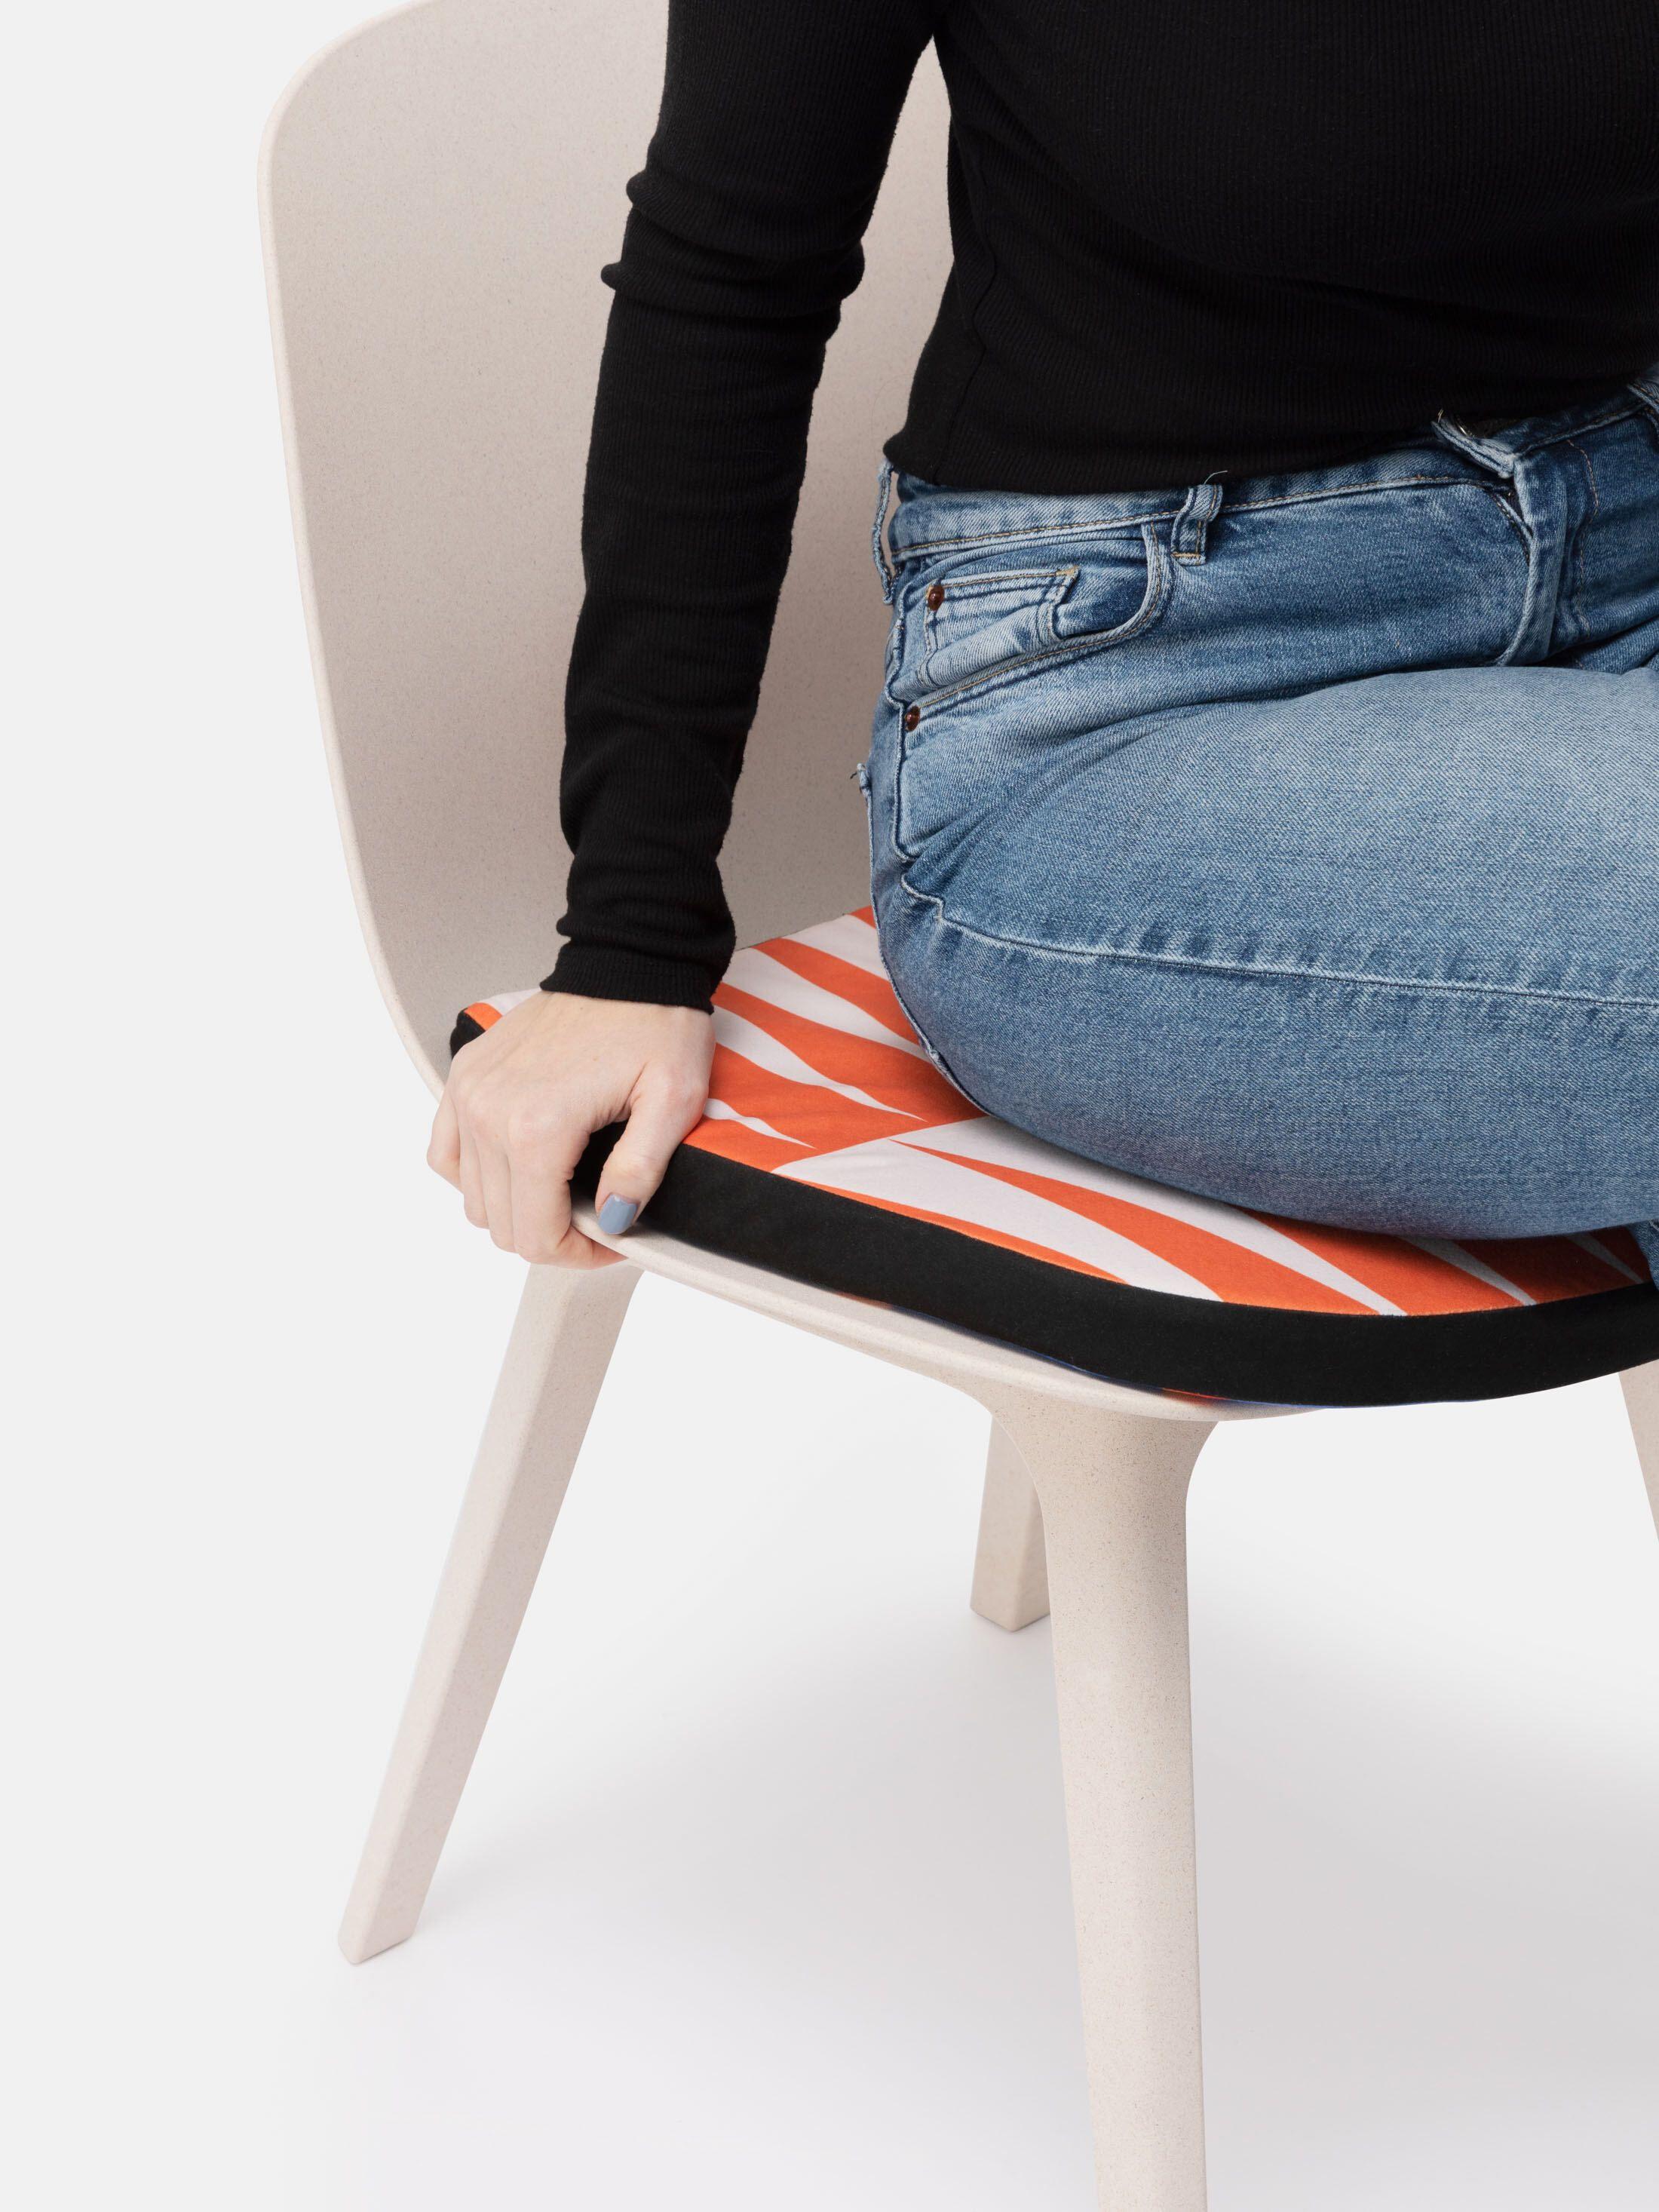 シートクッション ジッパー付きカバー デザインプリント